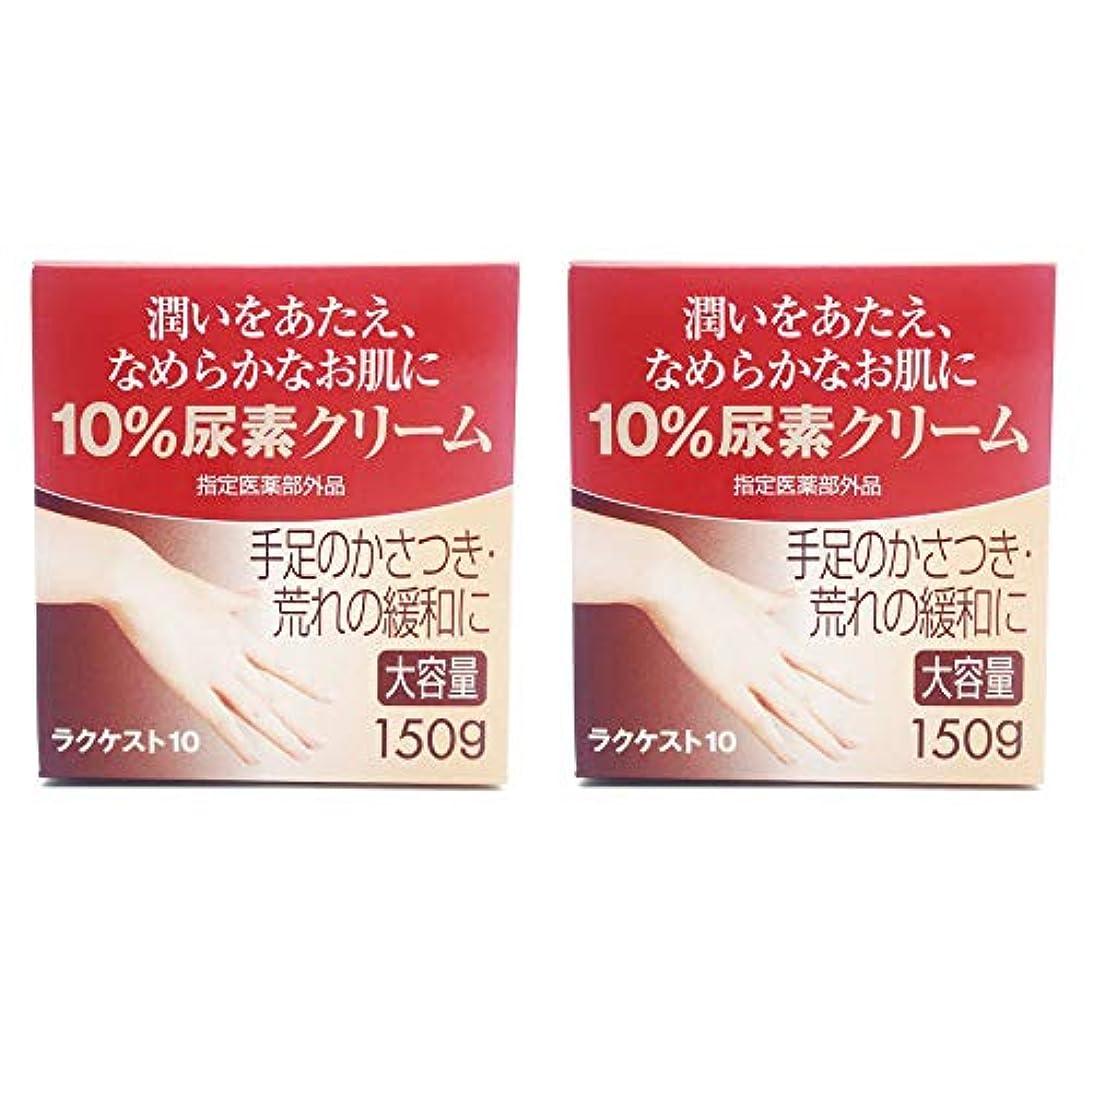 アンケートプラス国籍尿素10%クリーム 大容量300g(150g×2箱セット) ヒアルロン酸 保湿 手荒れ かさつき urea cream